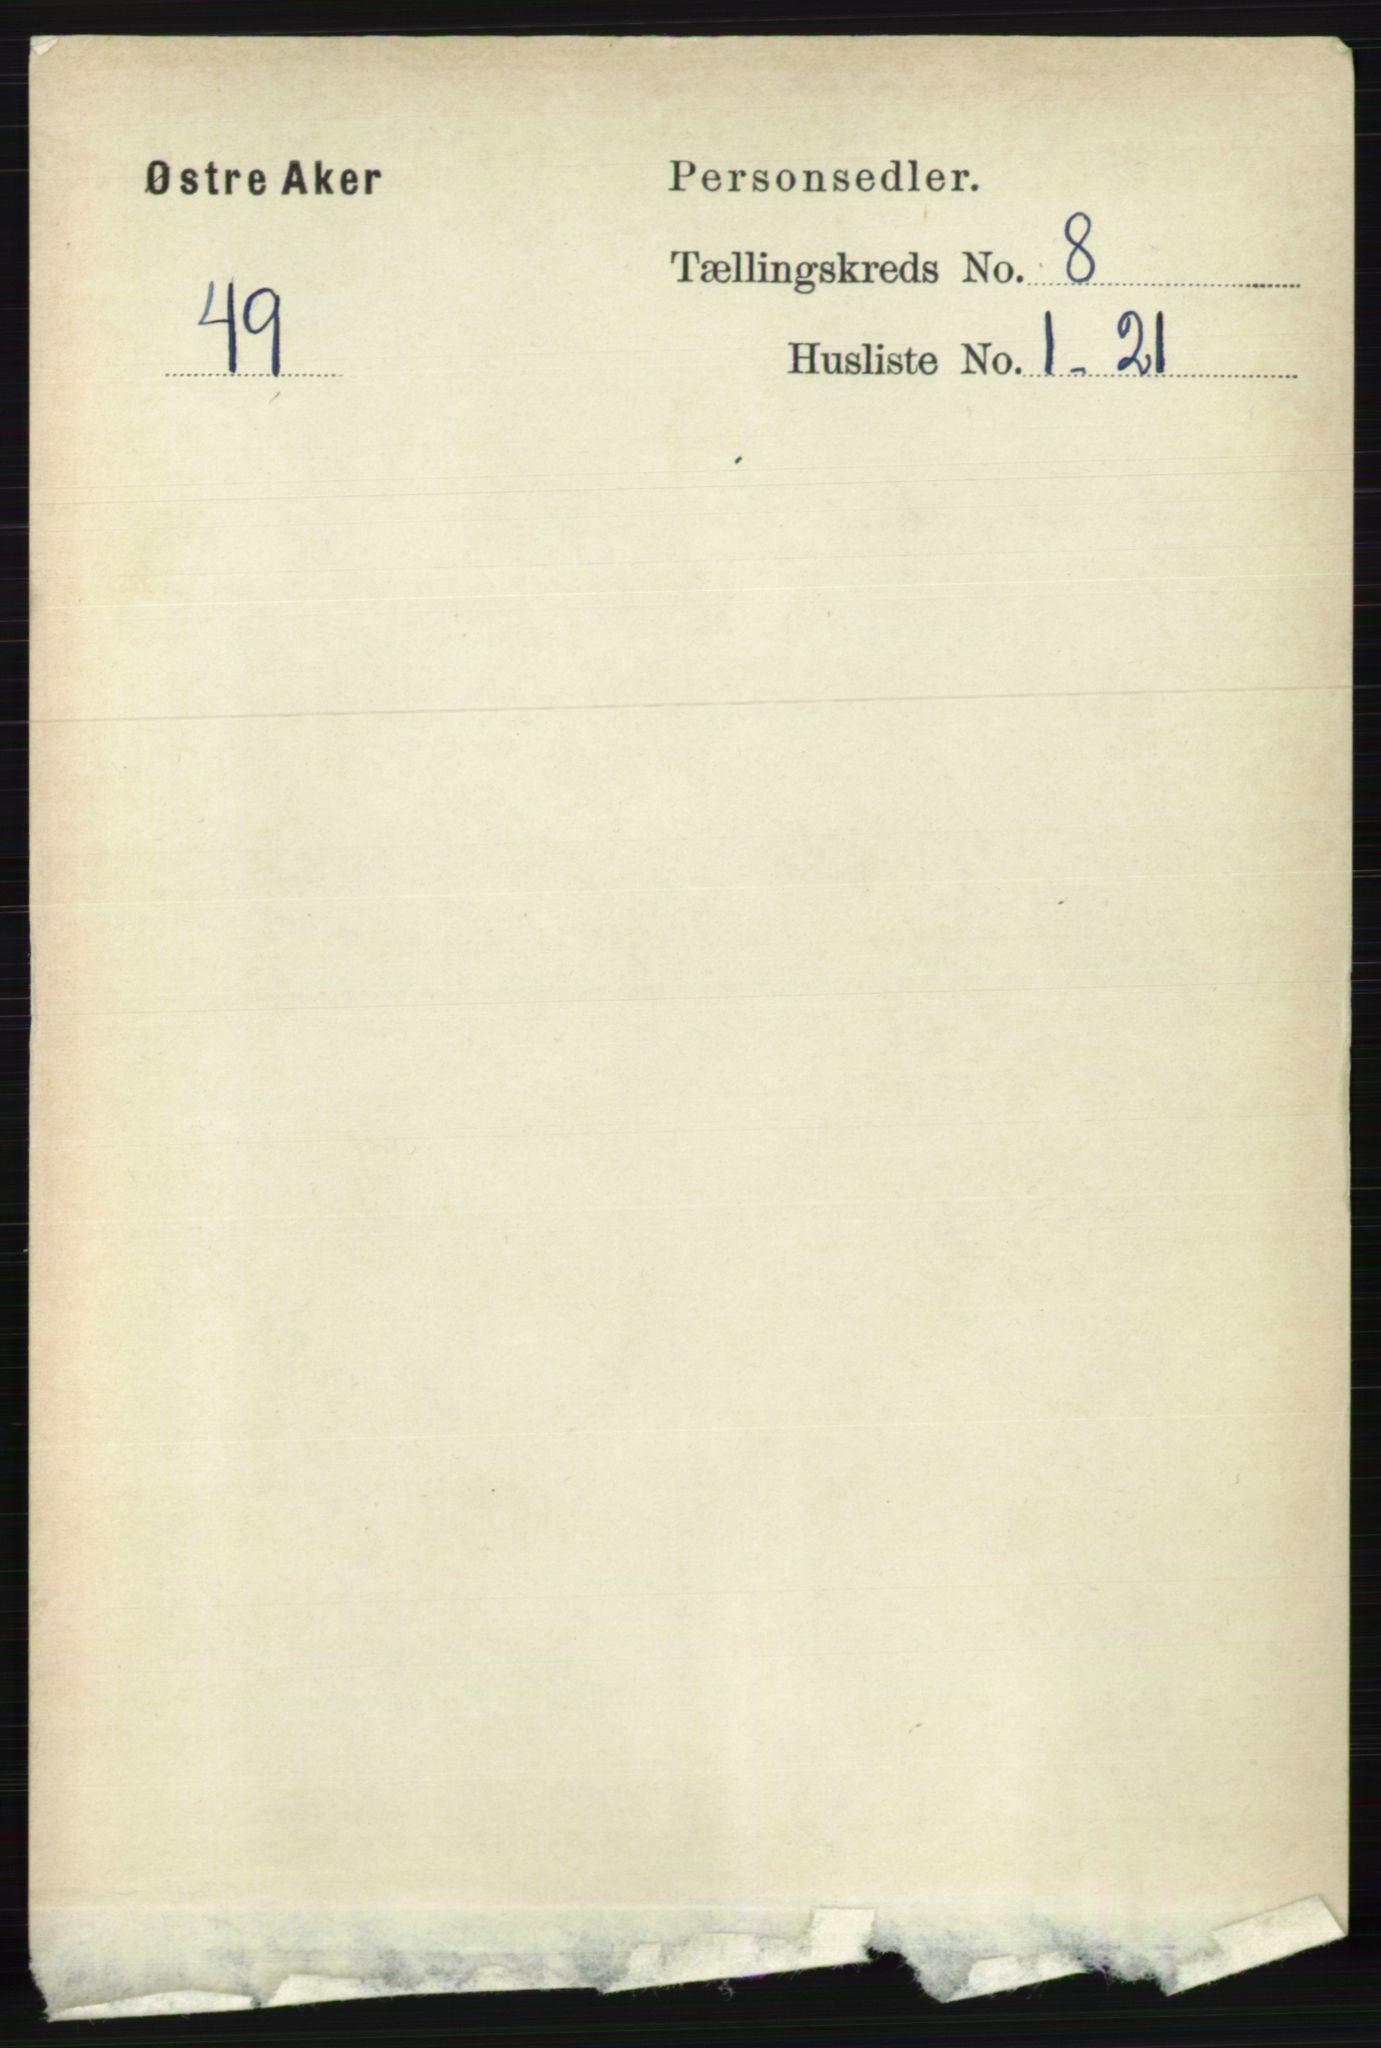 RA, Folketelling 1891 for 0218 Aker herred, 1891, s. 7232